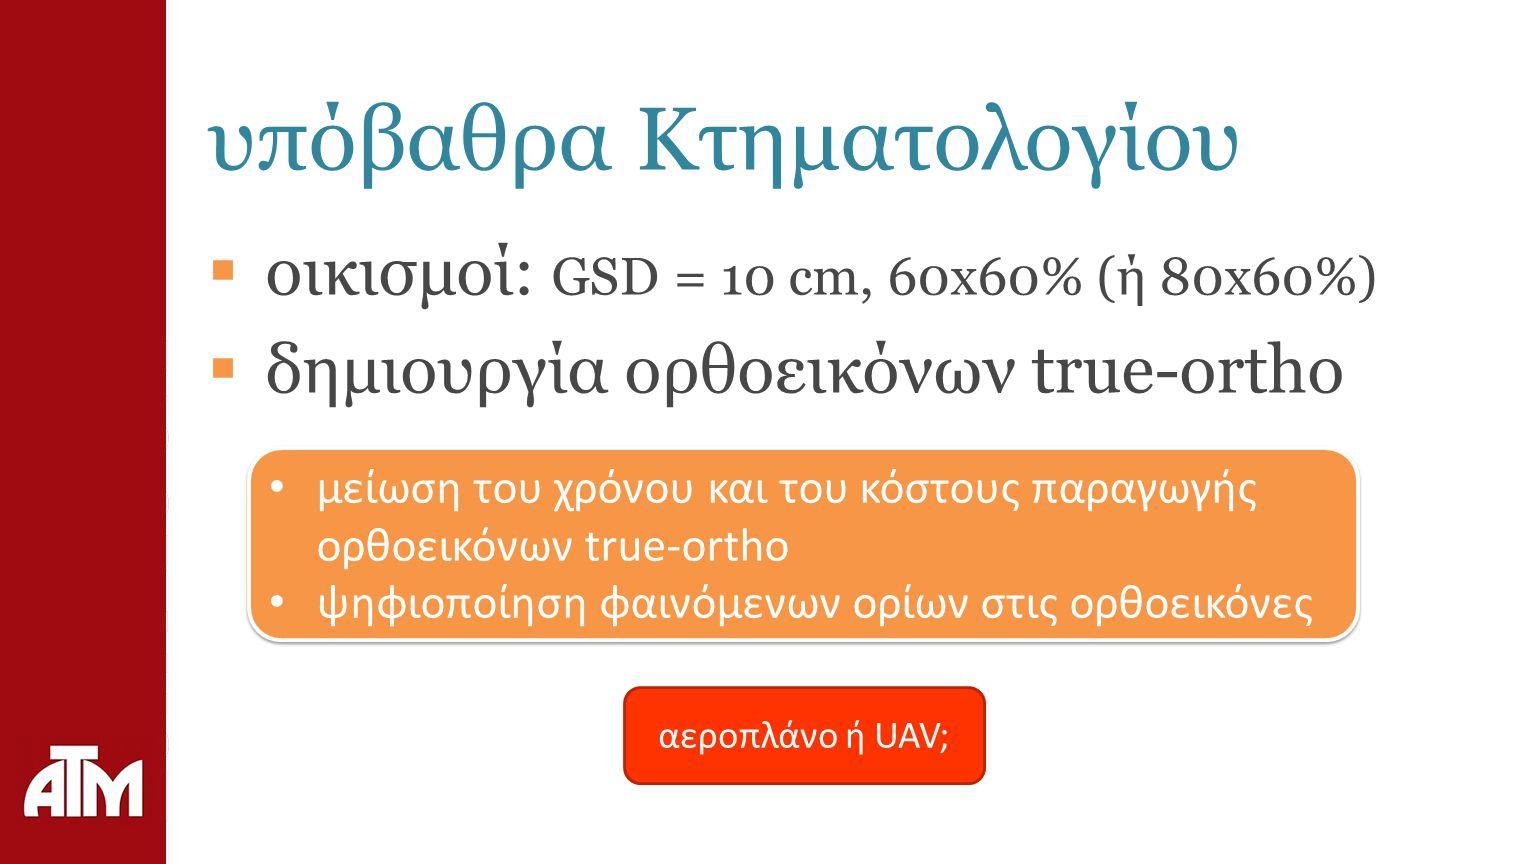 υπόβαθρα Κτηματολογίου  οικισμοί: GSD = 10 cm, 60x60% (ή 80x60%)  δημιουργία ορθοεικόνων true-ortho μείωση του χρόνου και του κόστους παραγωγής ορθοεικόνων true-ortho ψηφιοποίηση φαινόμενων ορίων στις ορθοεικόνες μείωση του χρόνου και του κόστους παραγωγής ορθοεικόνων true-ortho ψηφιοποίηση φαινόμενων ορίων στις ορθοεικόνες αεροπλάνο ή UAV;